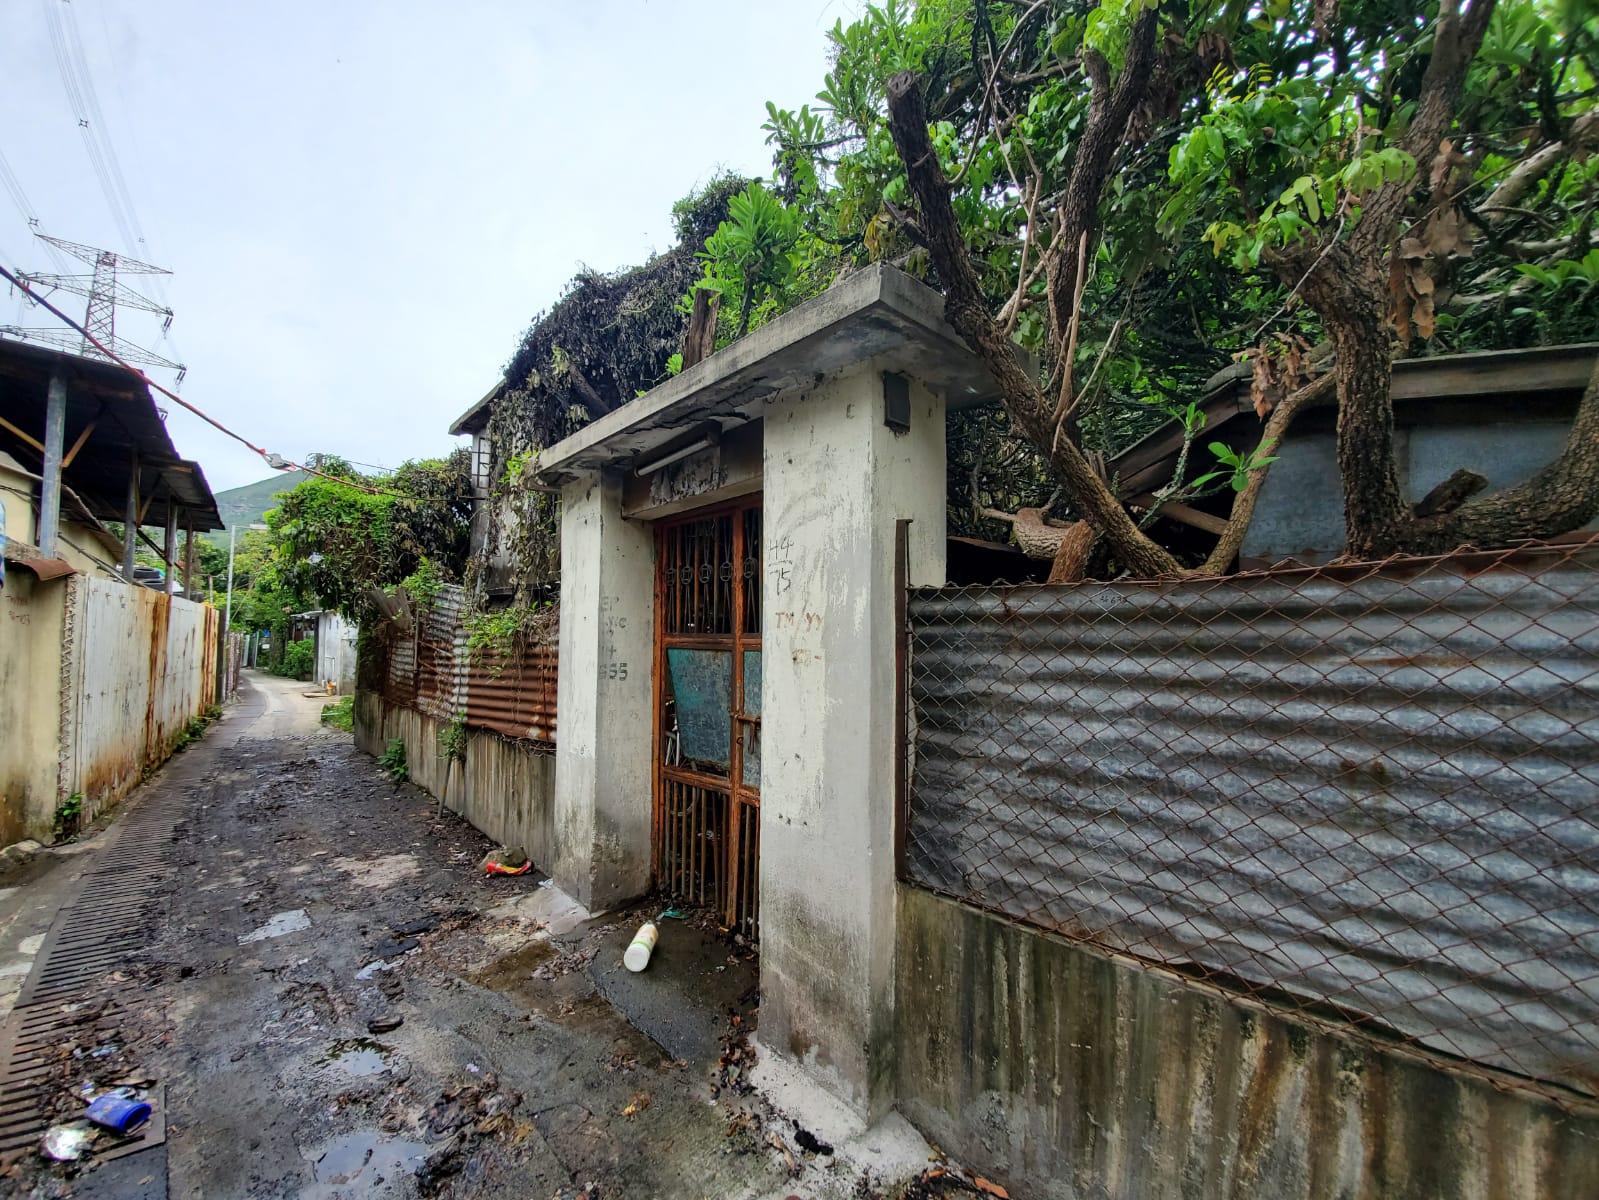 現場為亦園村一幢兩層高石屋。